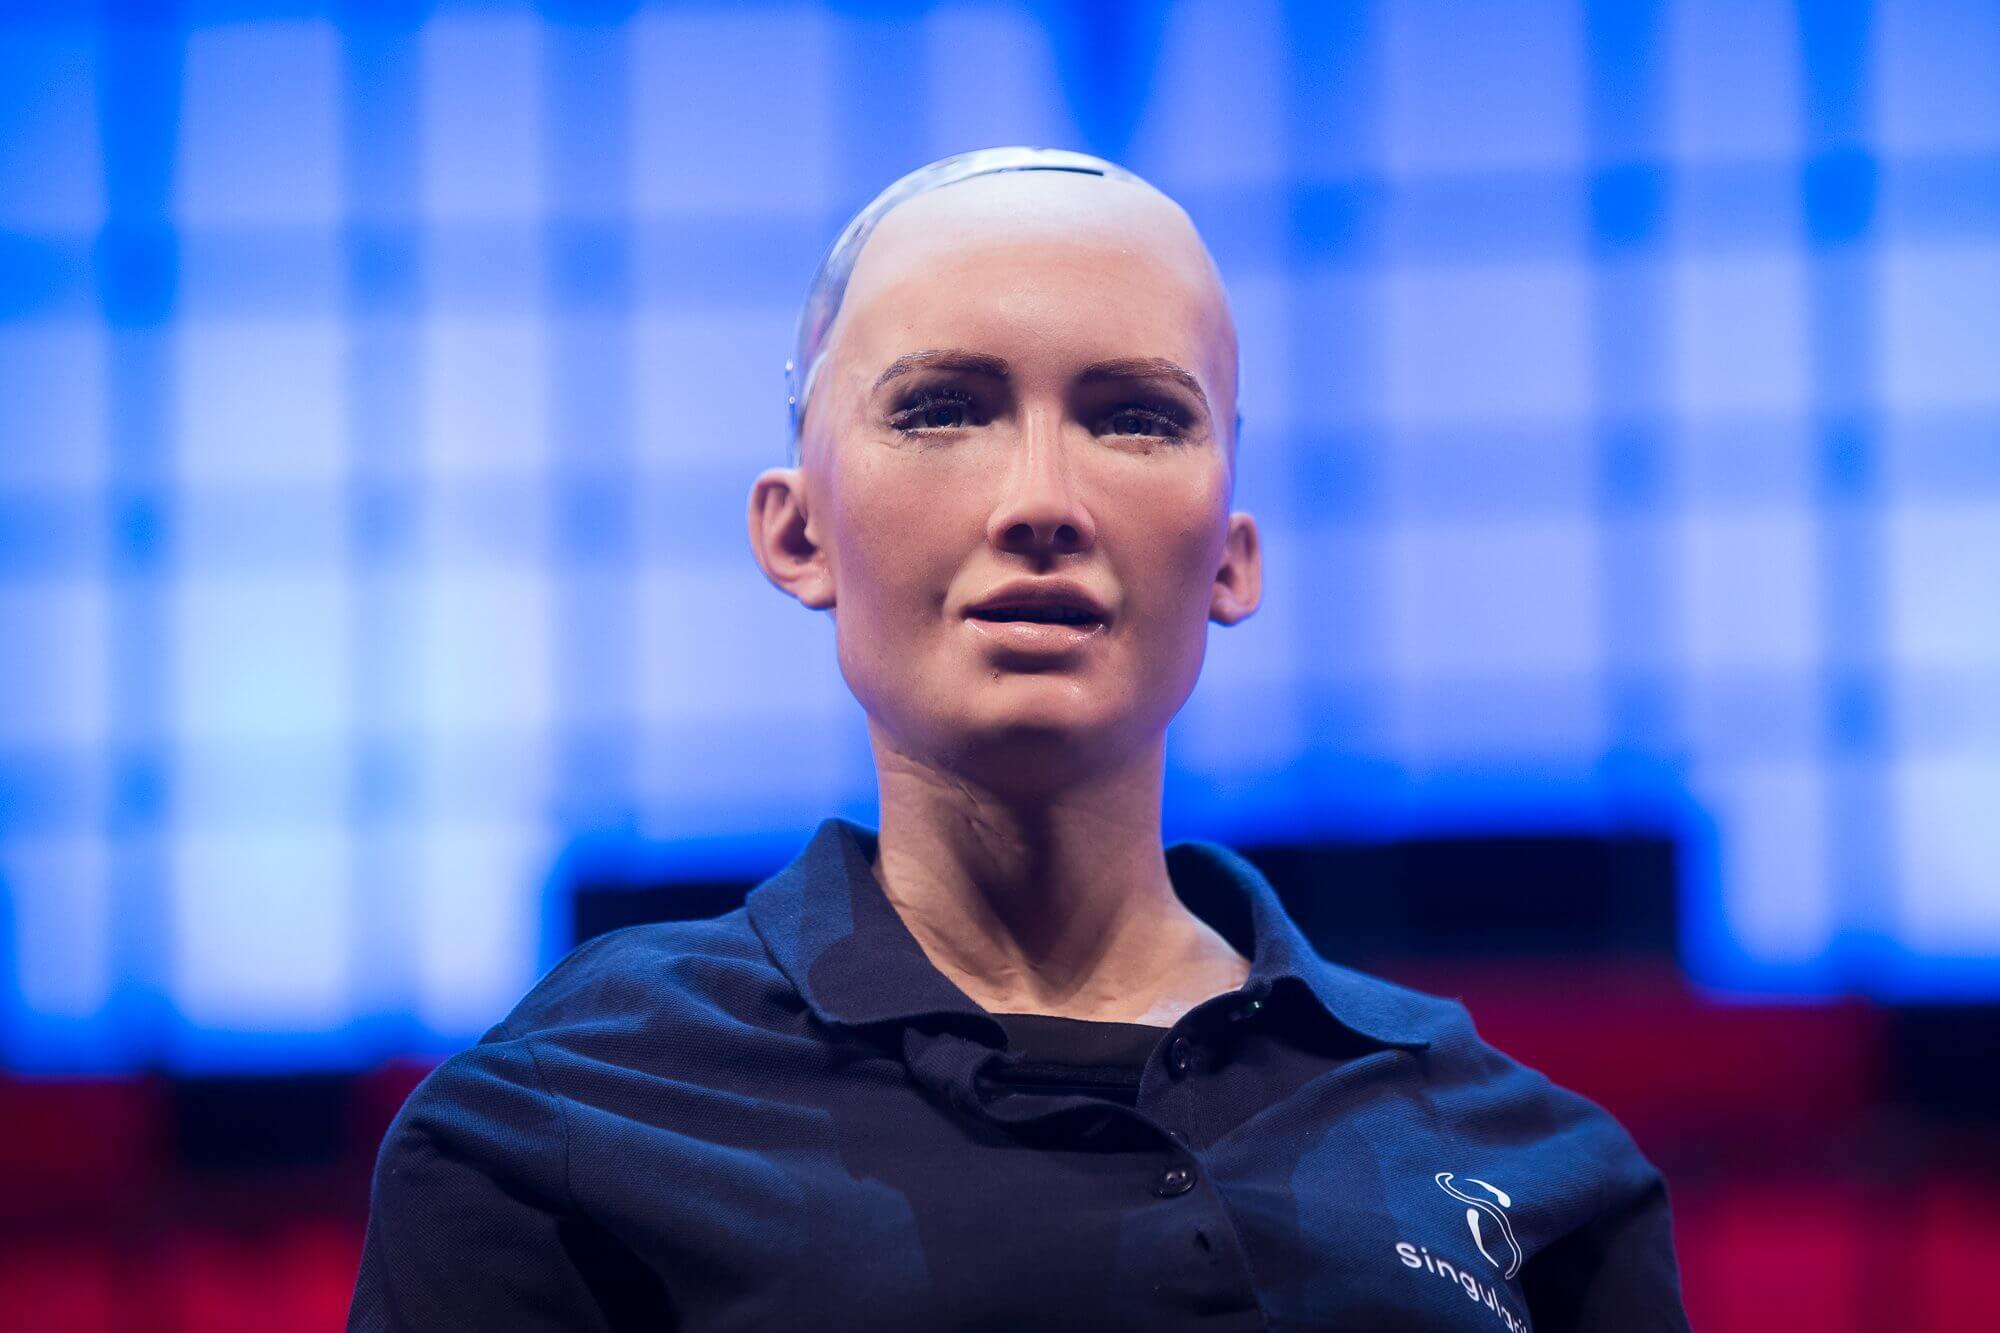 A invasão da IA em nossas vidas. Como fica a nossa privacidade?